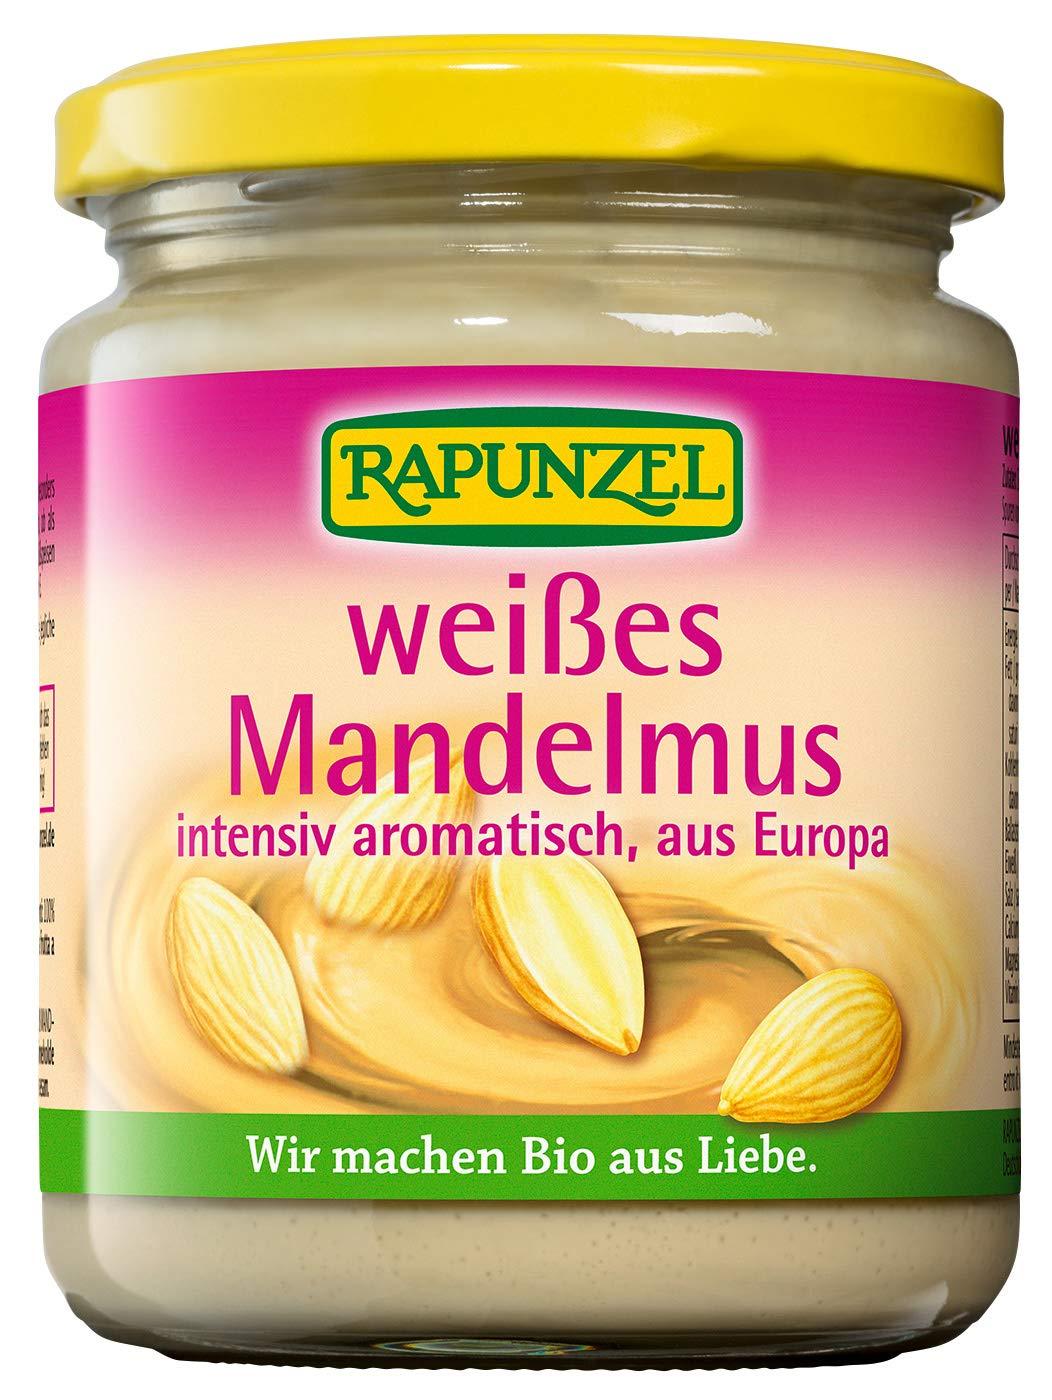 Crema de Almendras tostadas Rapunzel 250 g: Amazon.es: Hogar